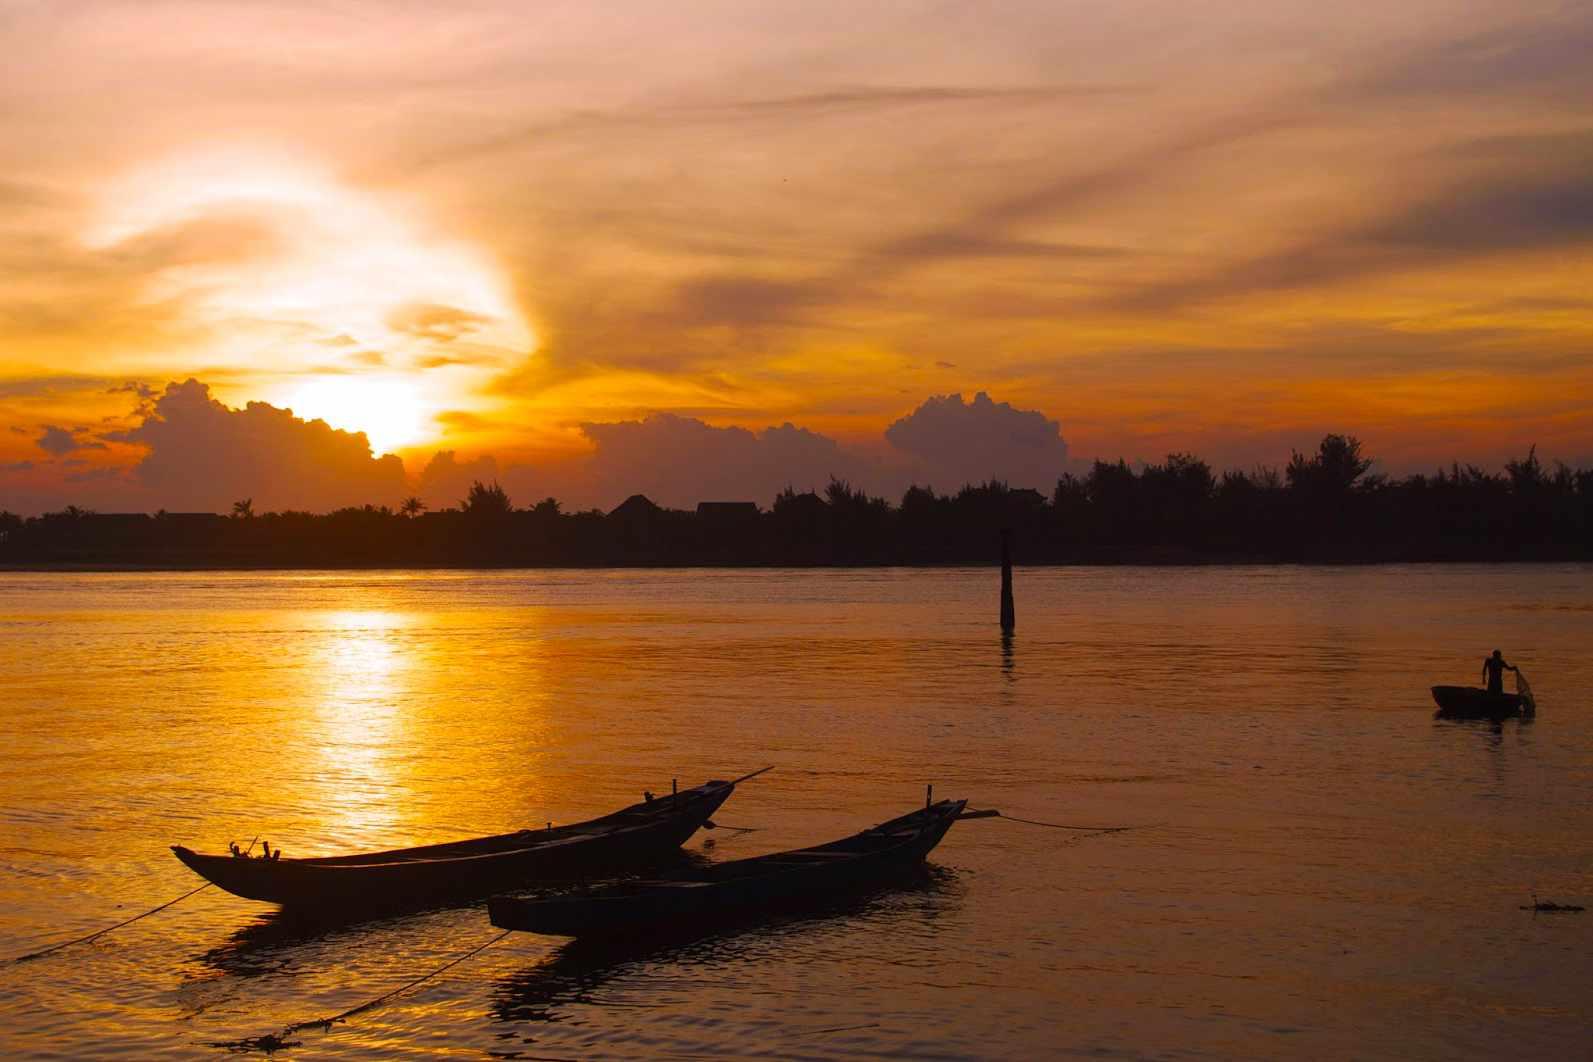 Du lịch Quảng Bình phải một lần nhìn ngắm sông Nhật Lệ chiều hoàng hôn.